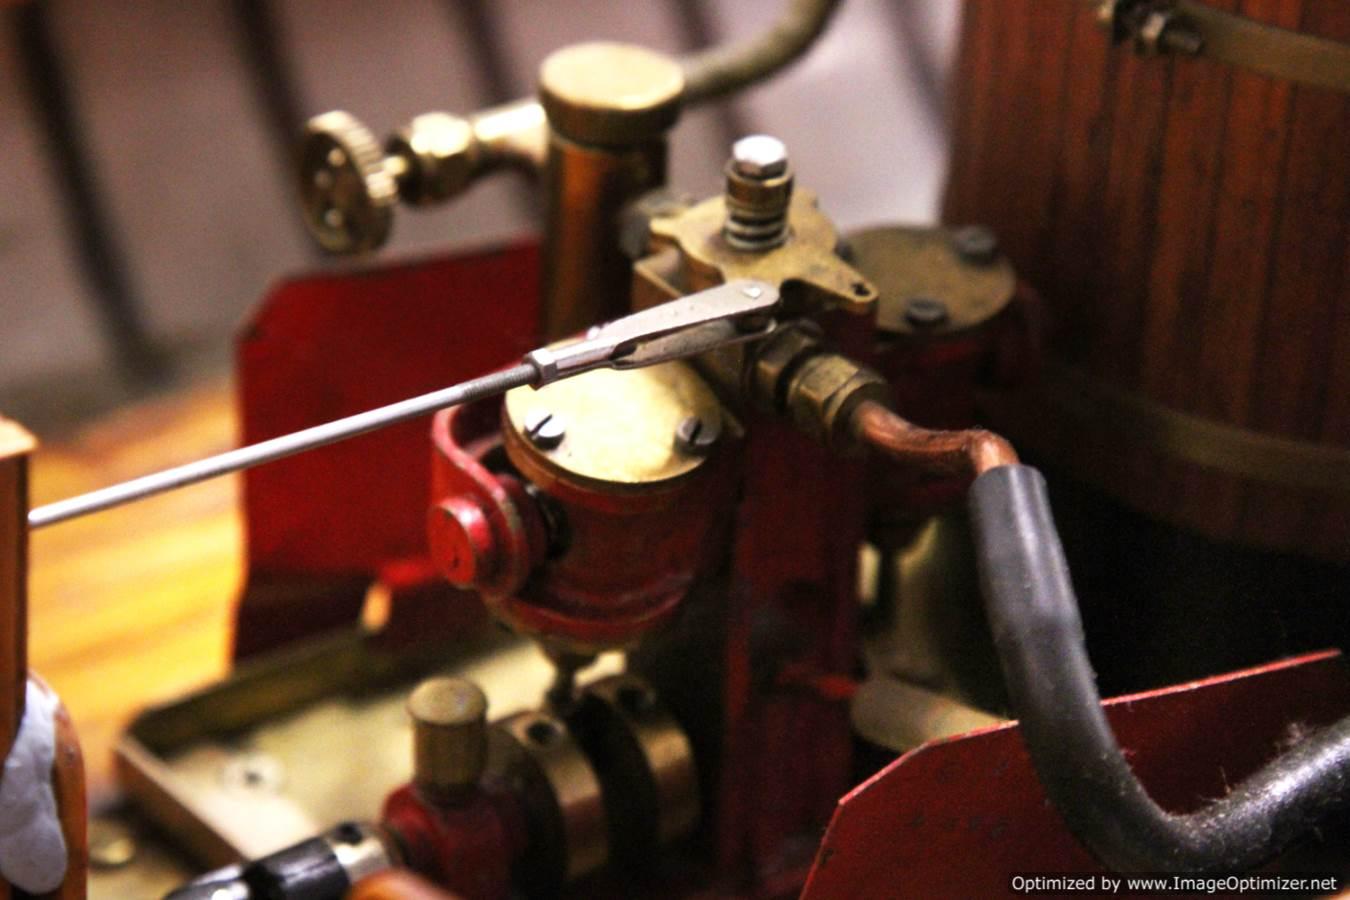 test bockrum-cheddar-steam-boat-live-steam-model-for-sale-15-optimized